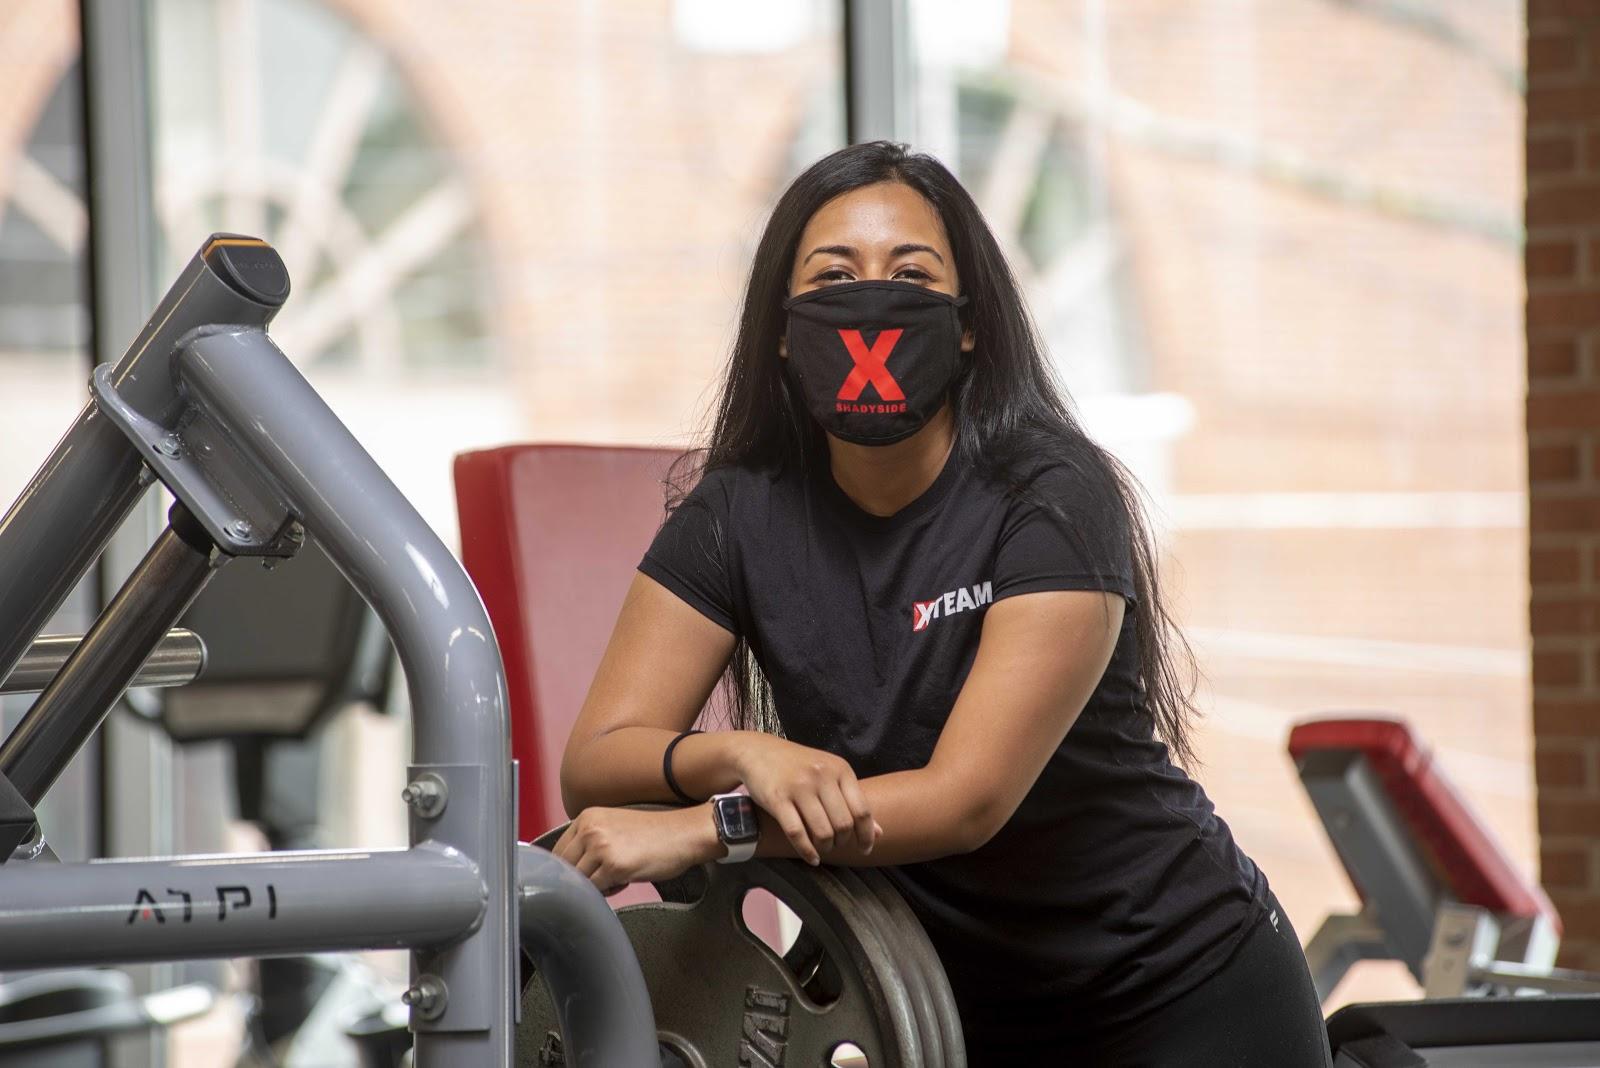 female trainer X shadyside